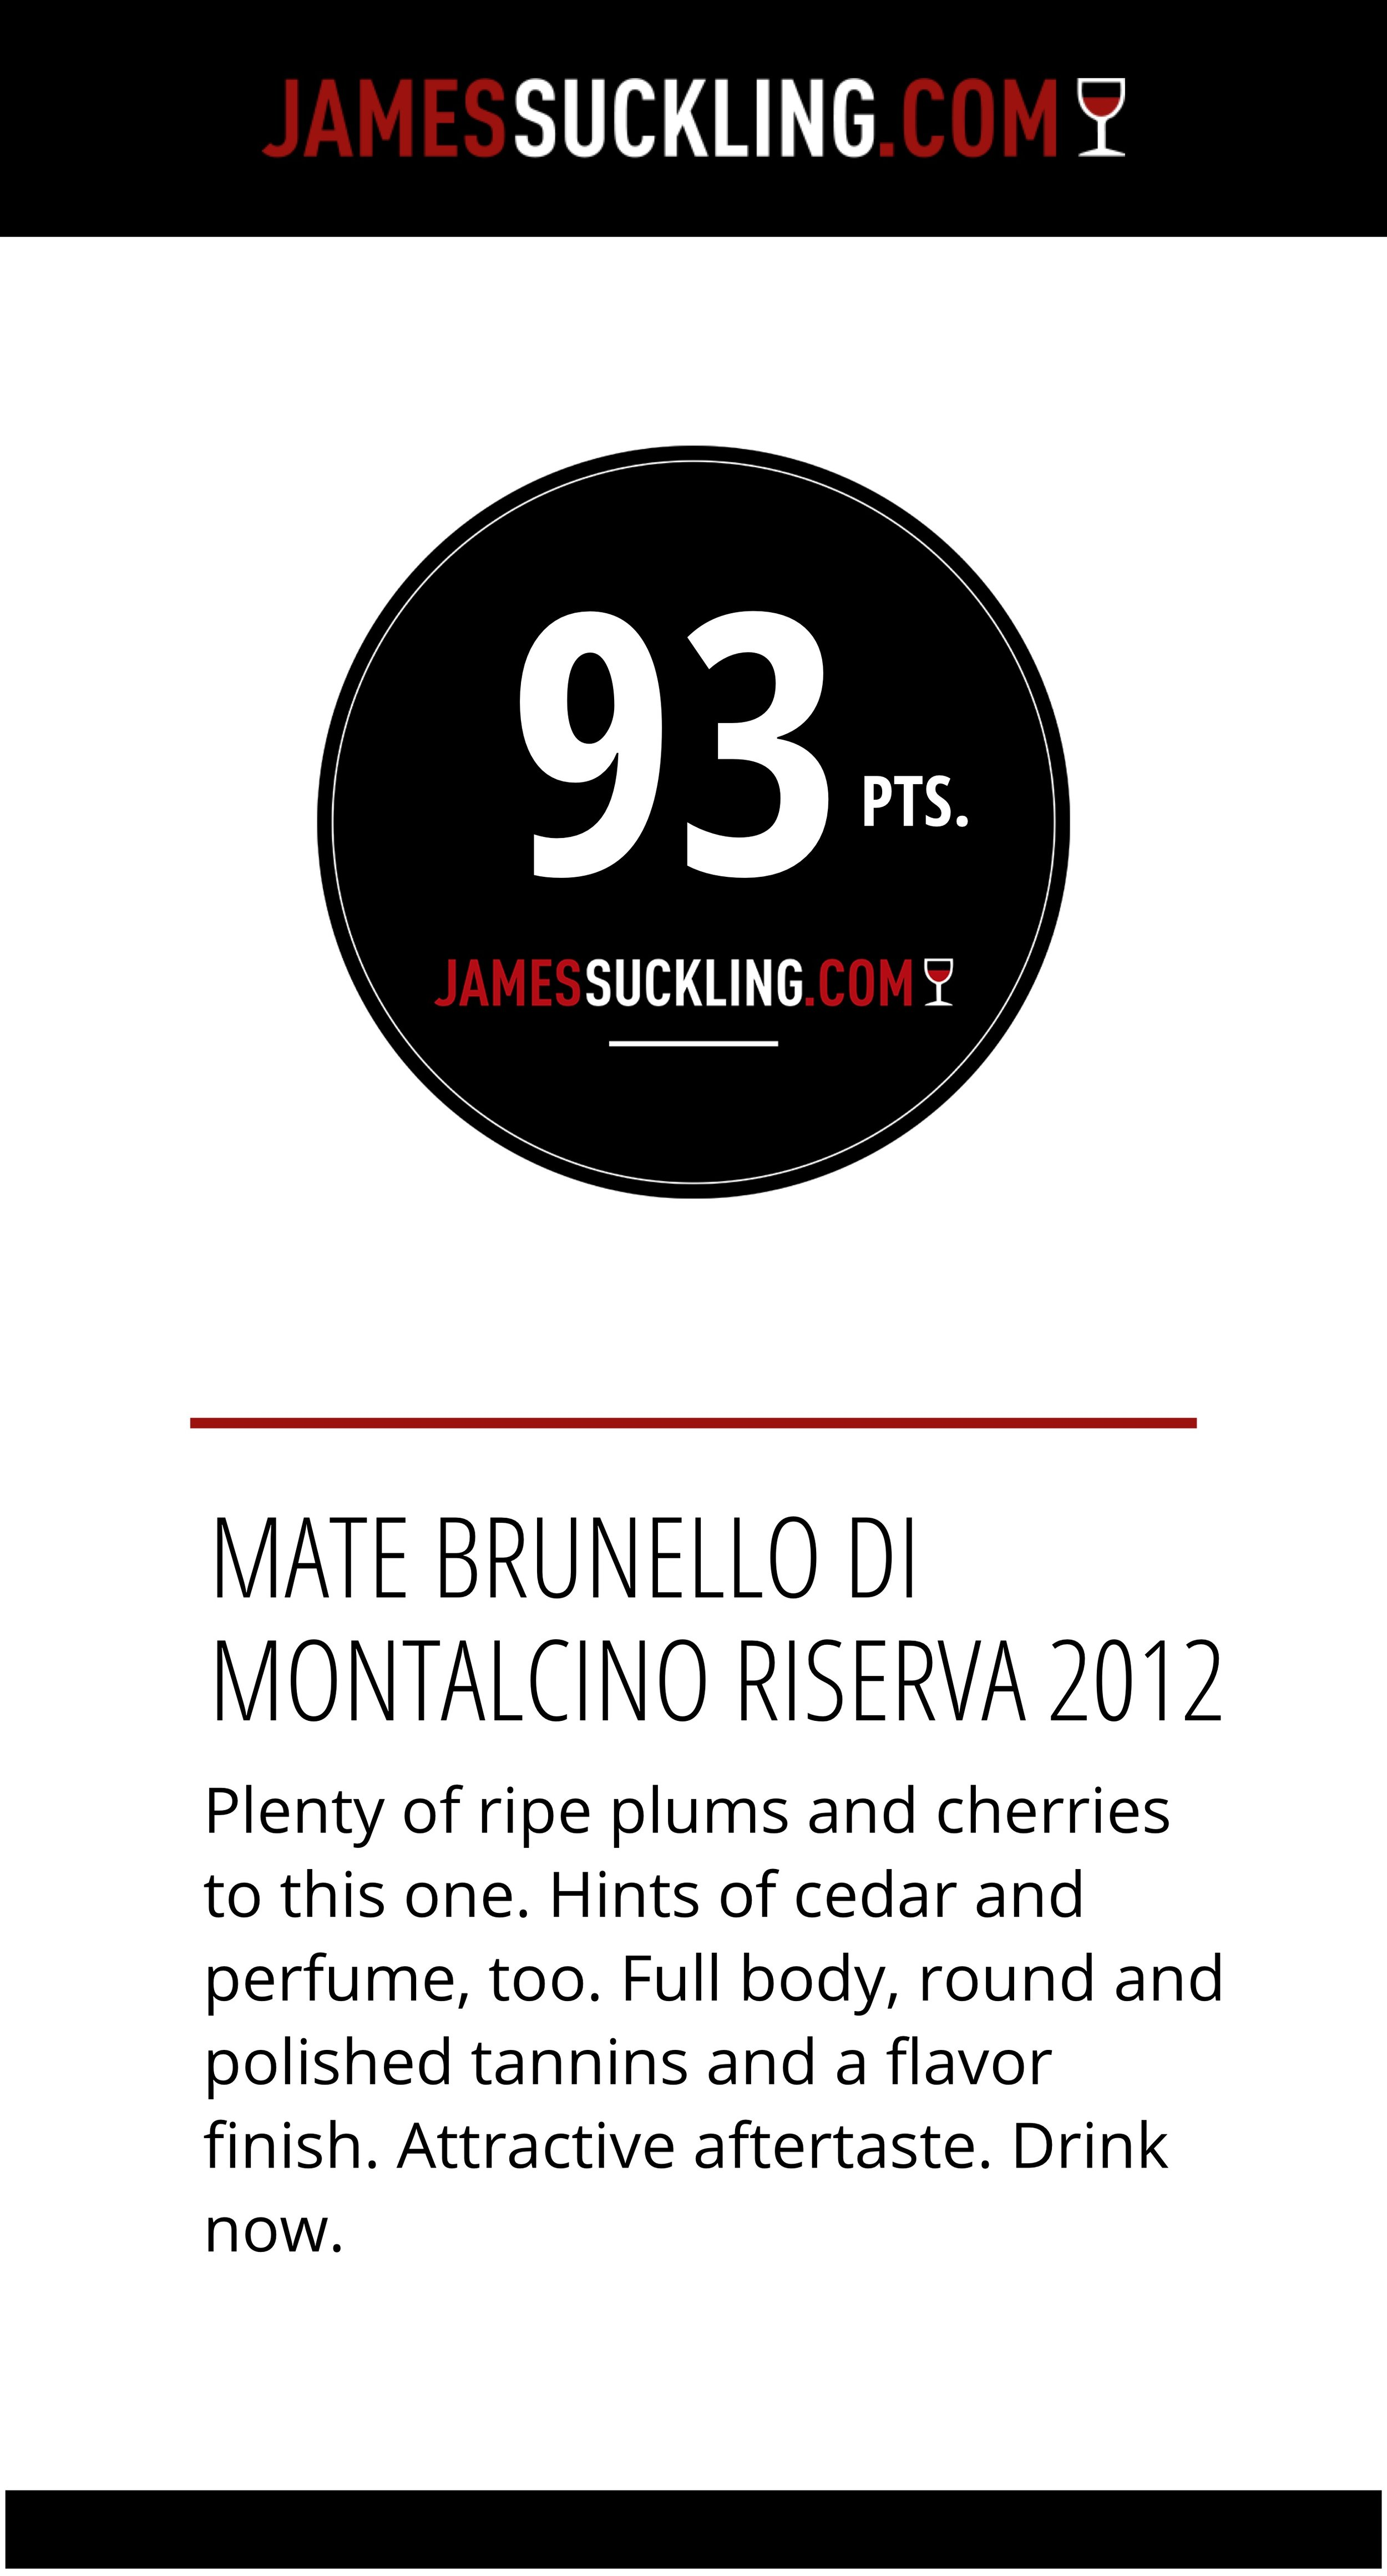 mate_brunello_di_montalcino_riserva_2012 copy.jpg